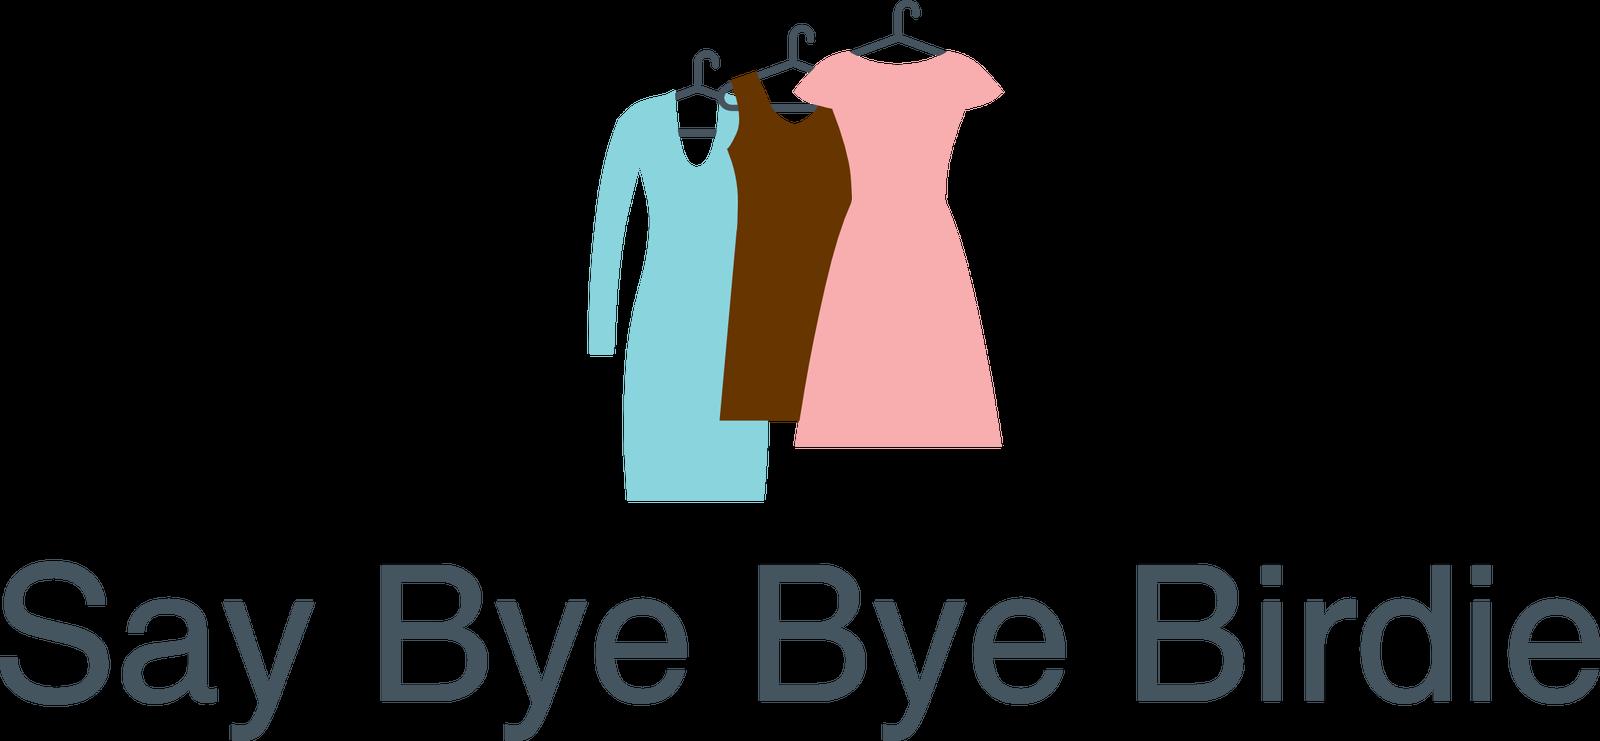 Say Bye Bye Birdie